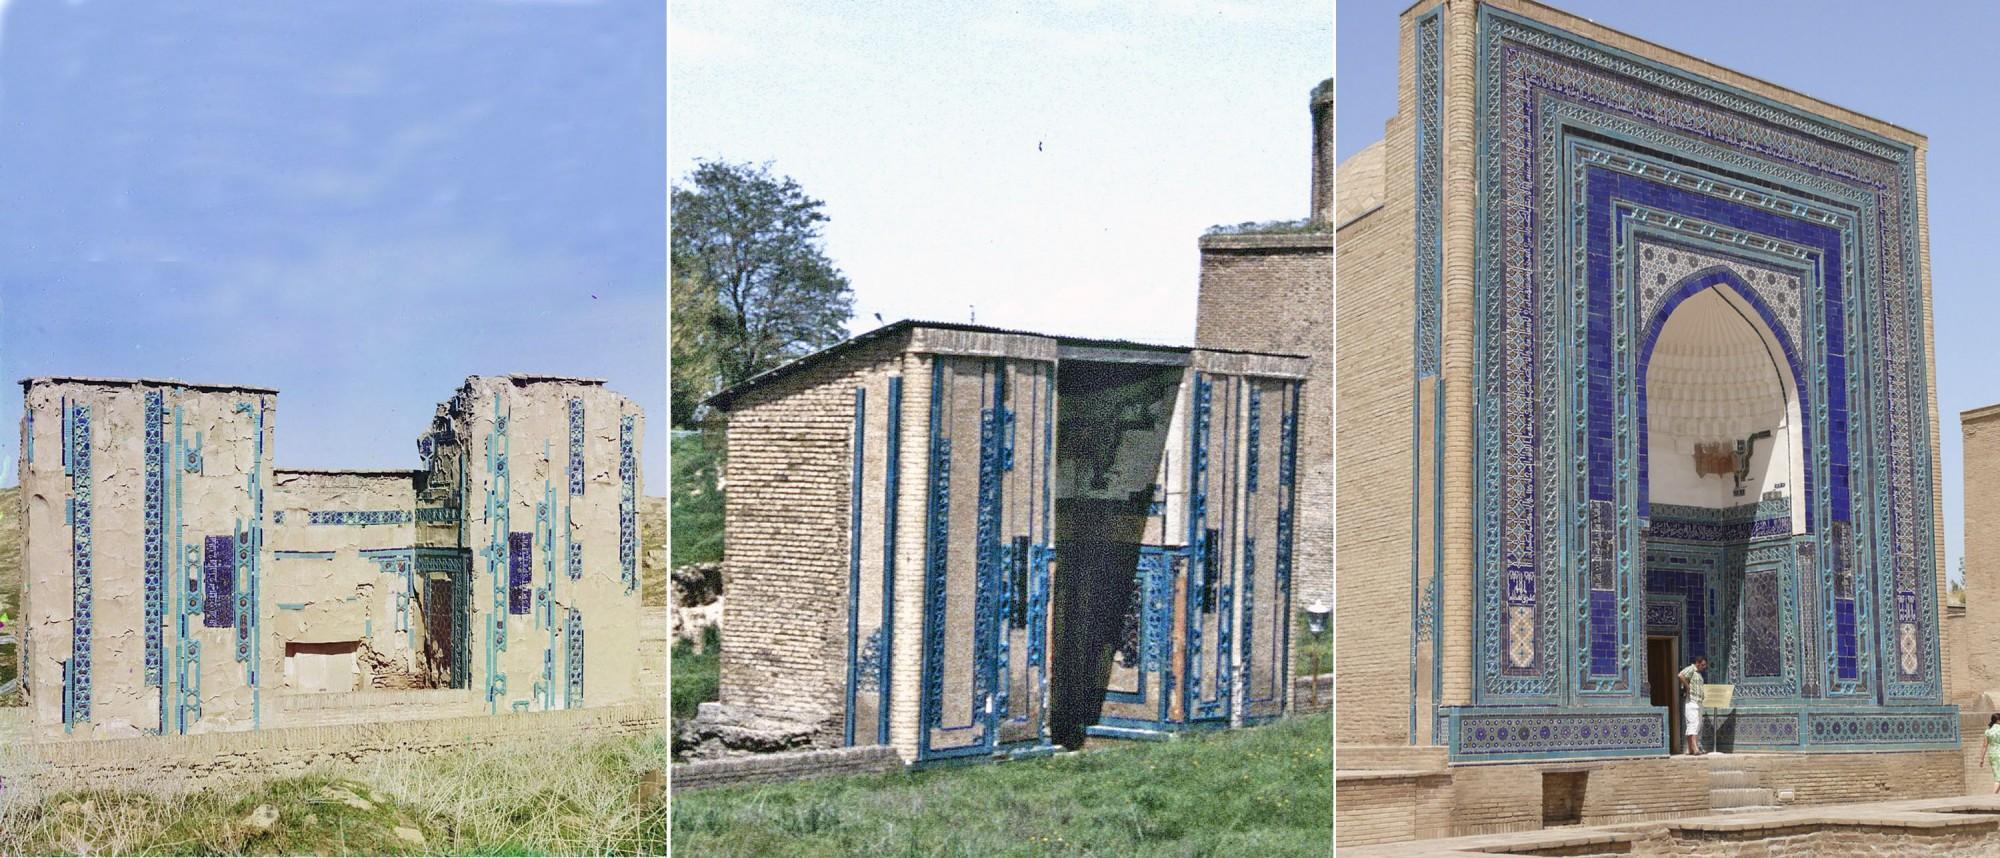 Самарканд. Безымянный мавзолей 1911-1992-2008